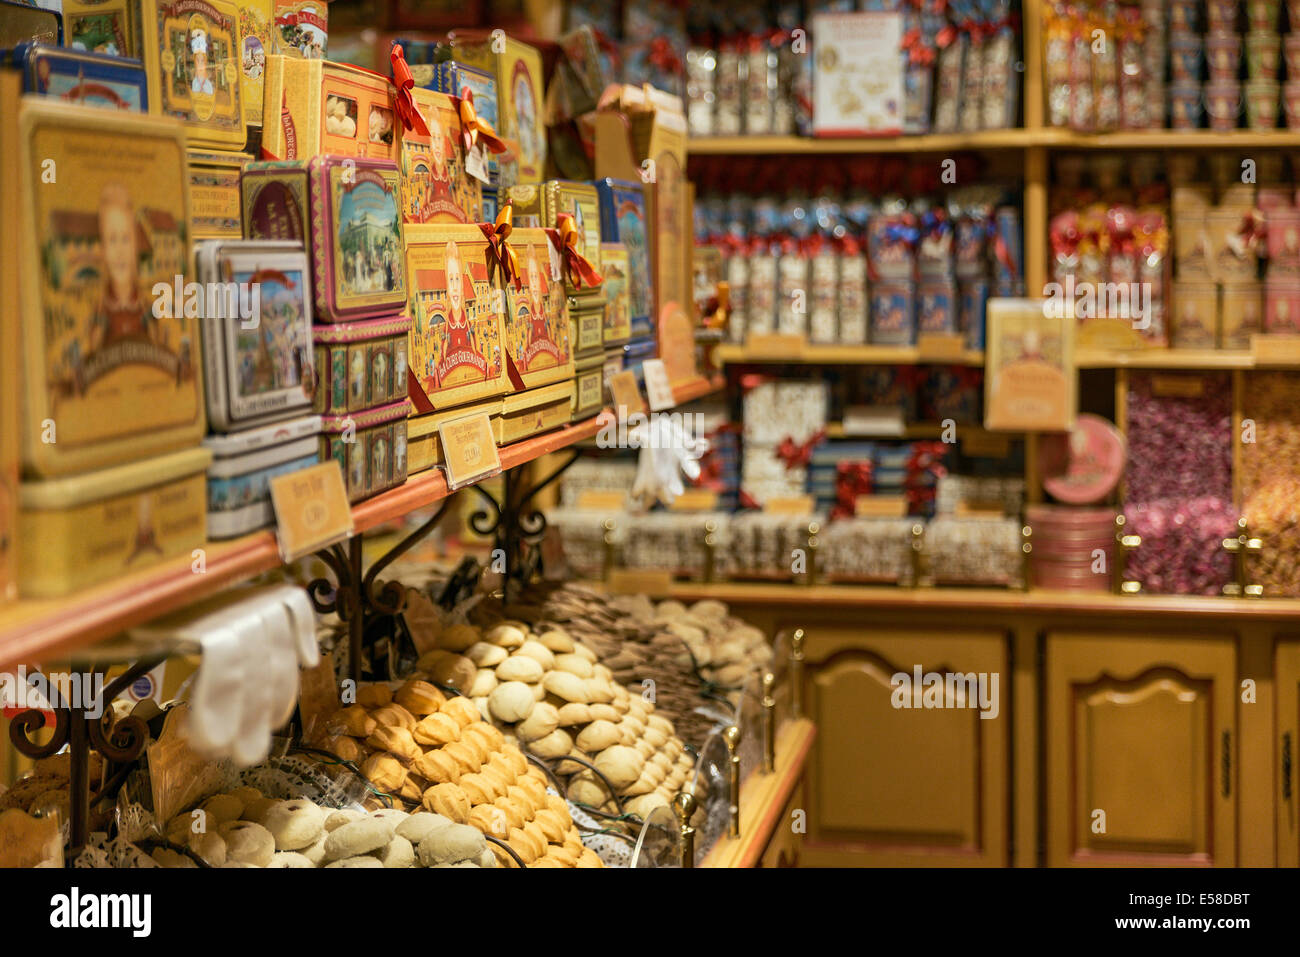 La Cure Gourmande, Saint Paul de Vence, Frankreich Stockbild